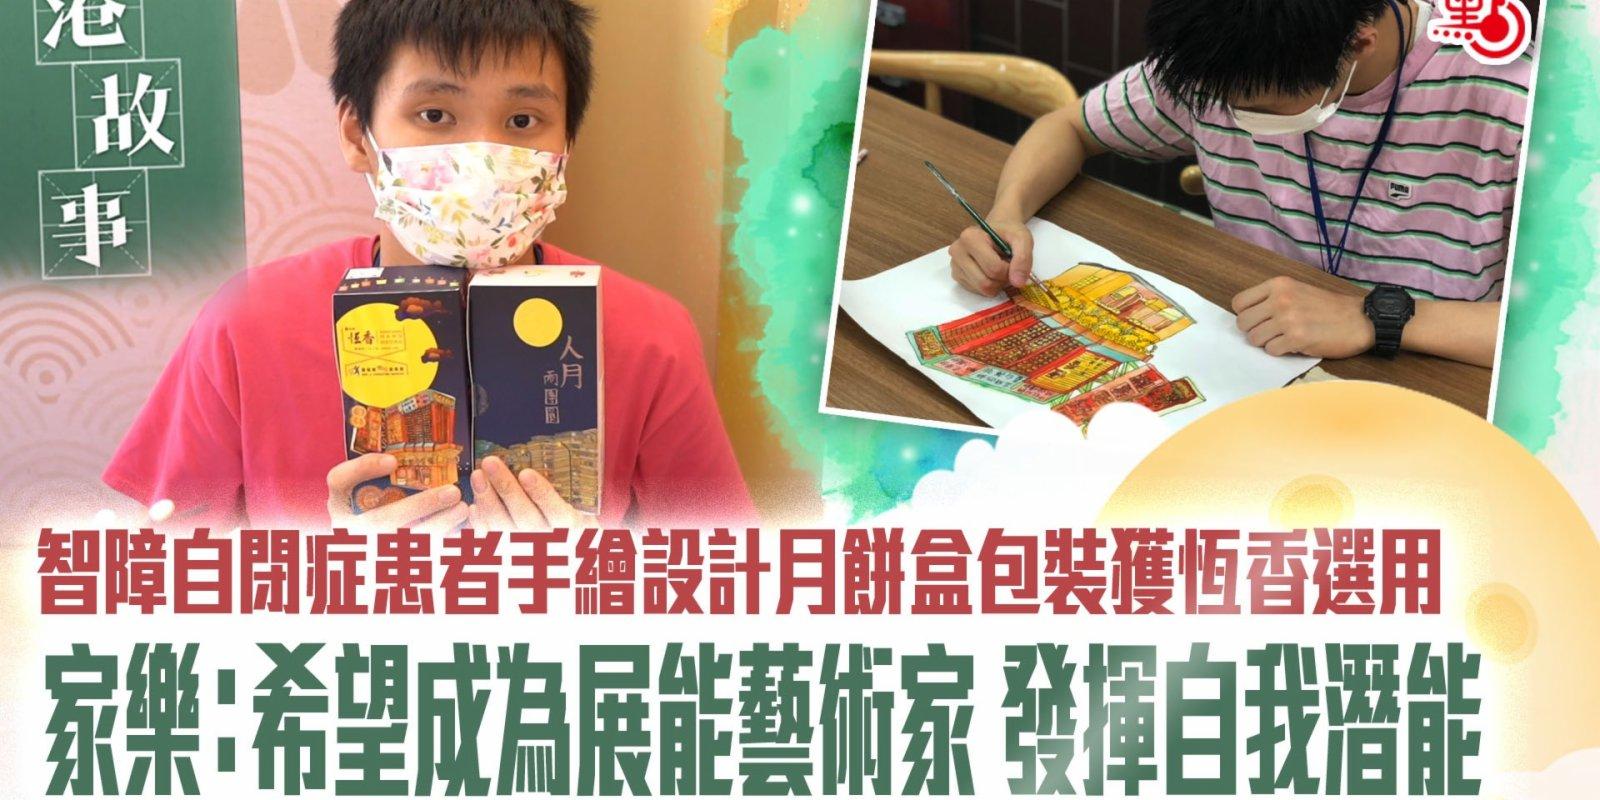 智障自閉症患者手繪設計月餅盒包裝獲恆香選用 家樂:希望成為展能藝術家 發揮自我潛能